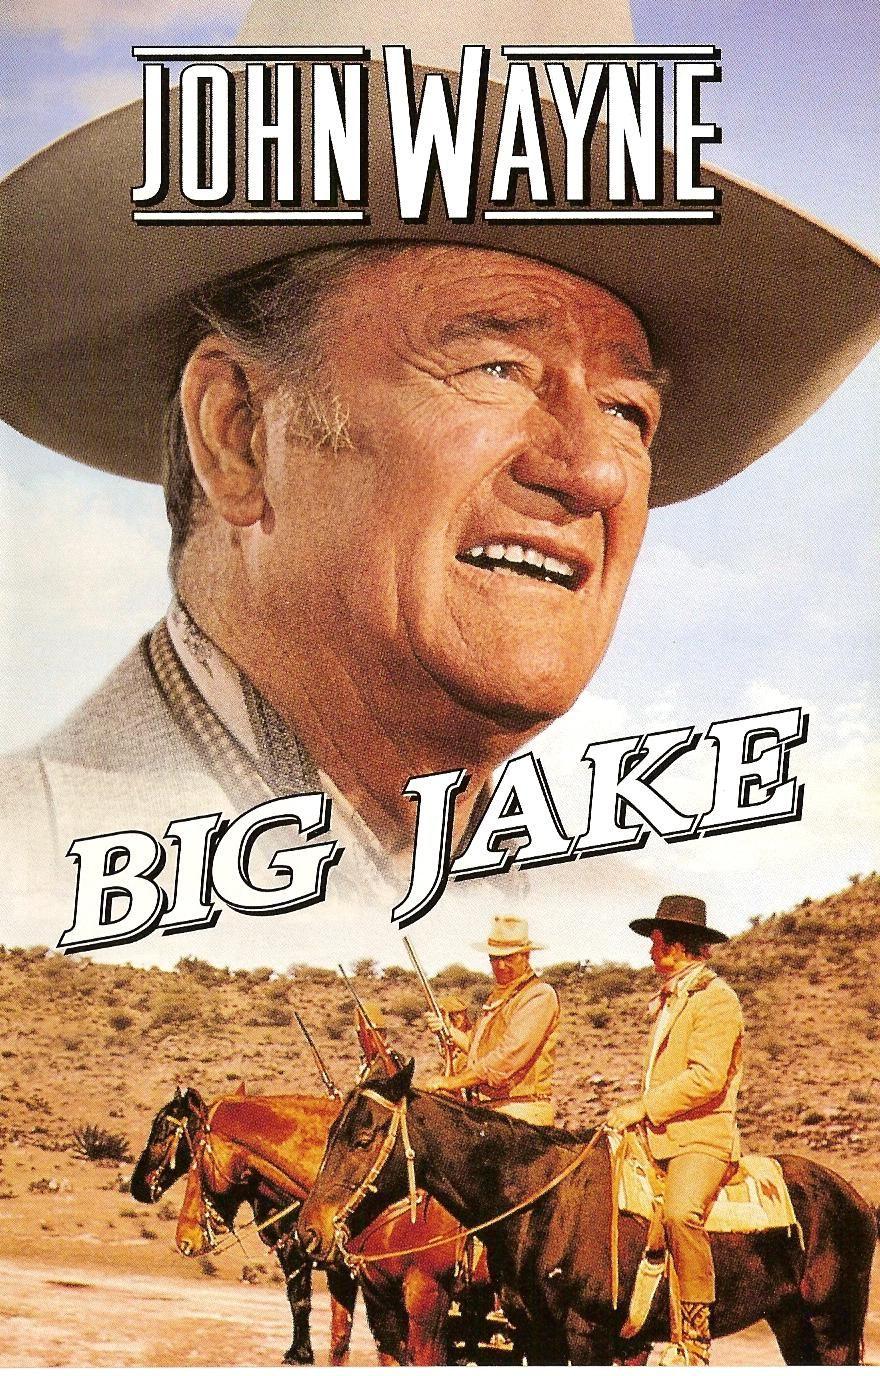 Big Jake 1971 Big jake movie, John wayne, John wayne